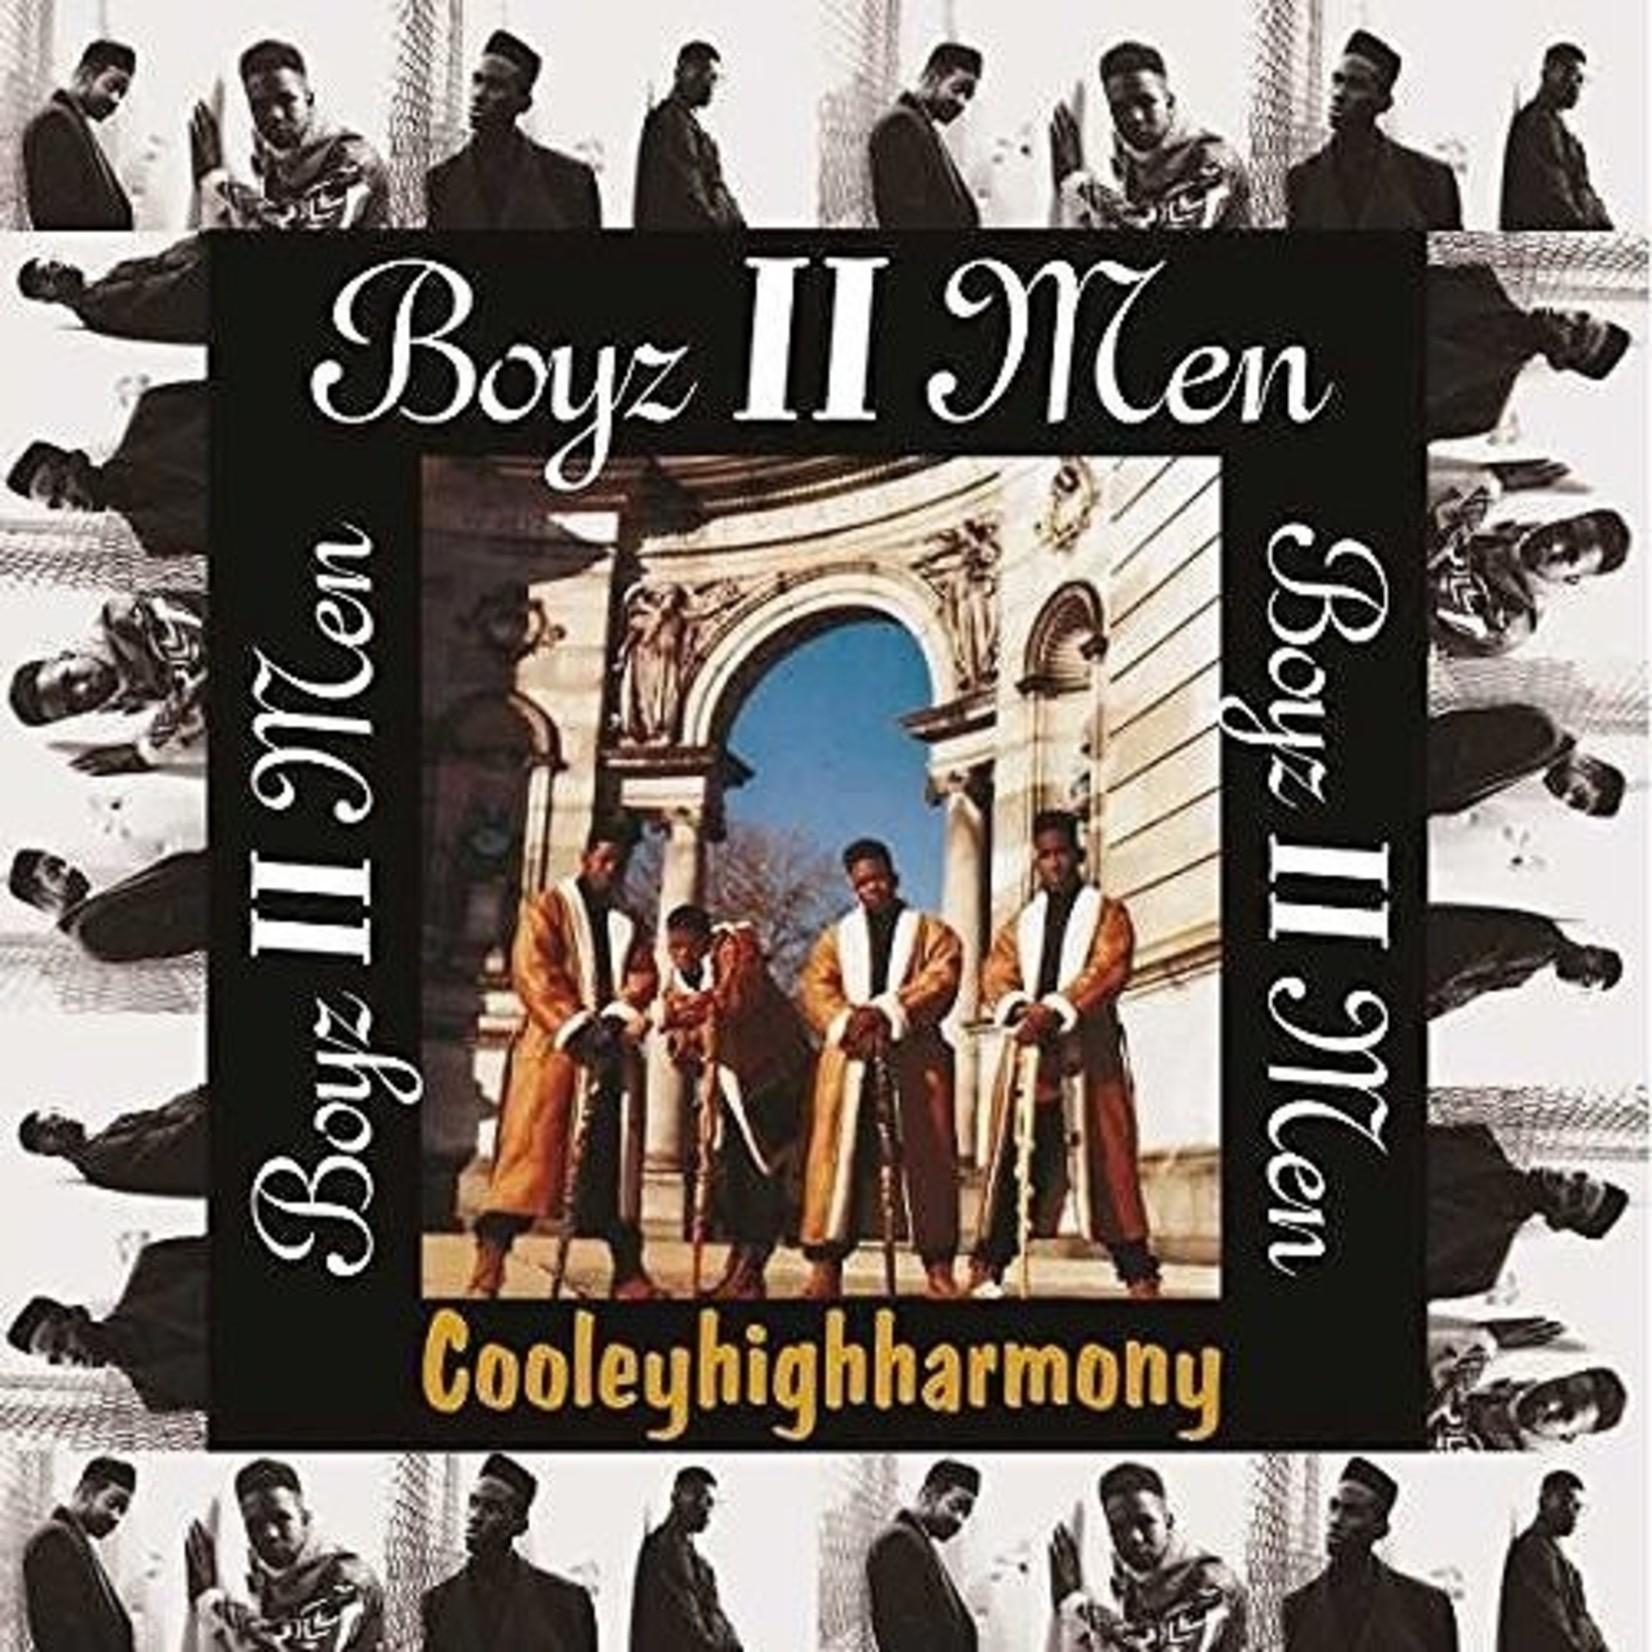 [New] Boyz II Men: Cooleyhighharmony